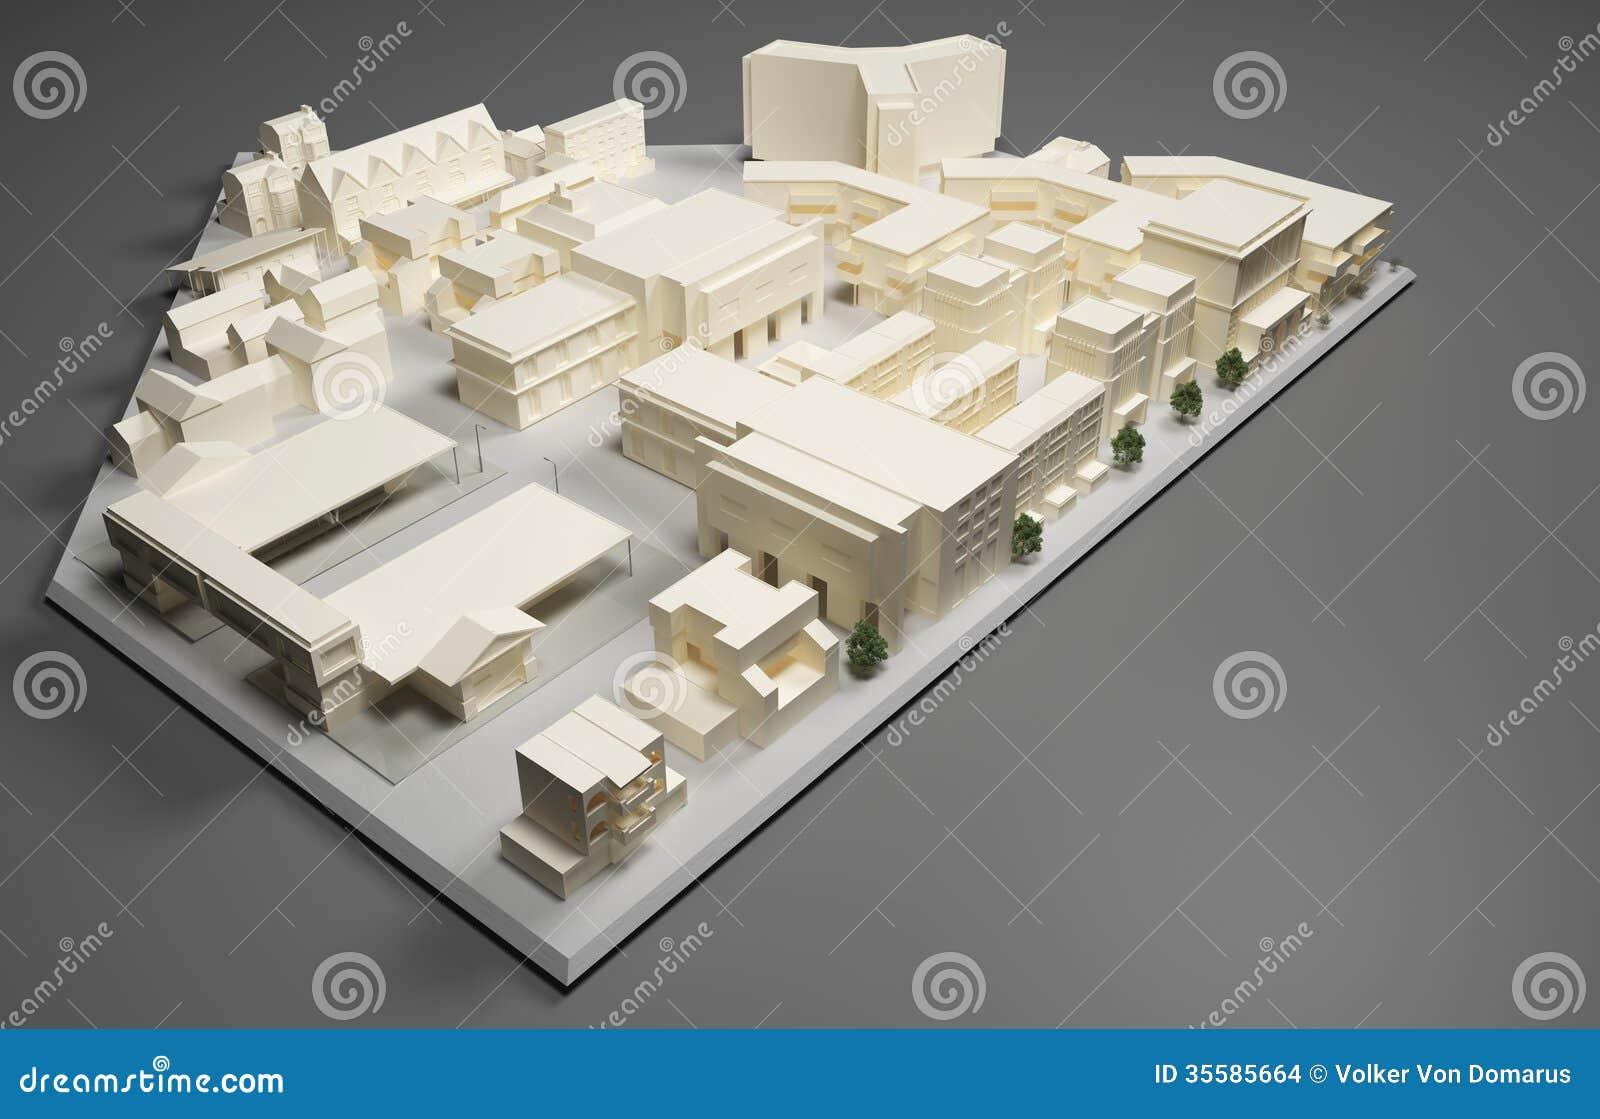 Modèle de plan d architecte